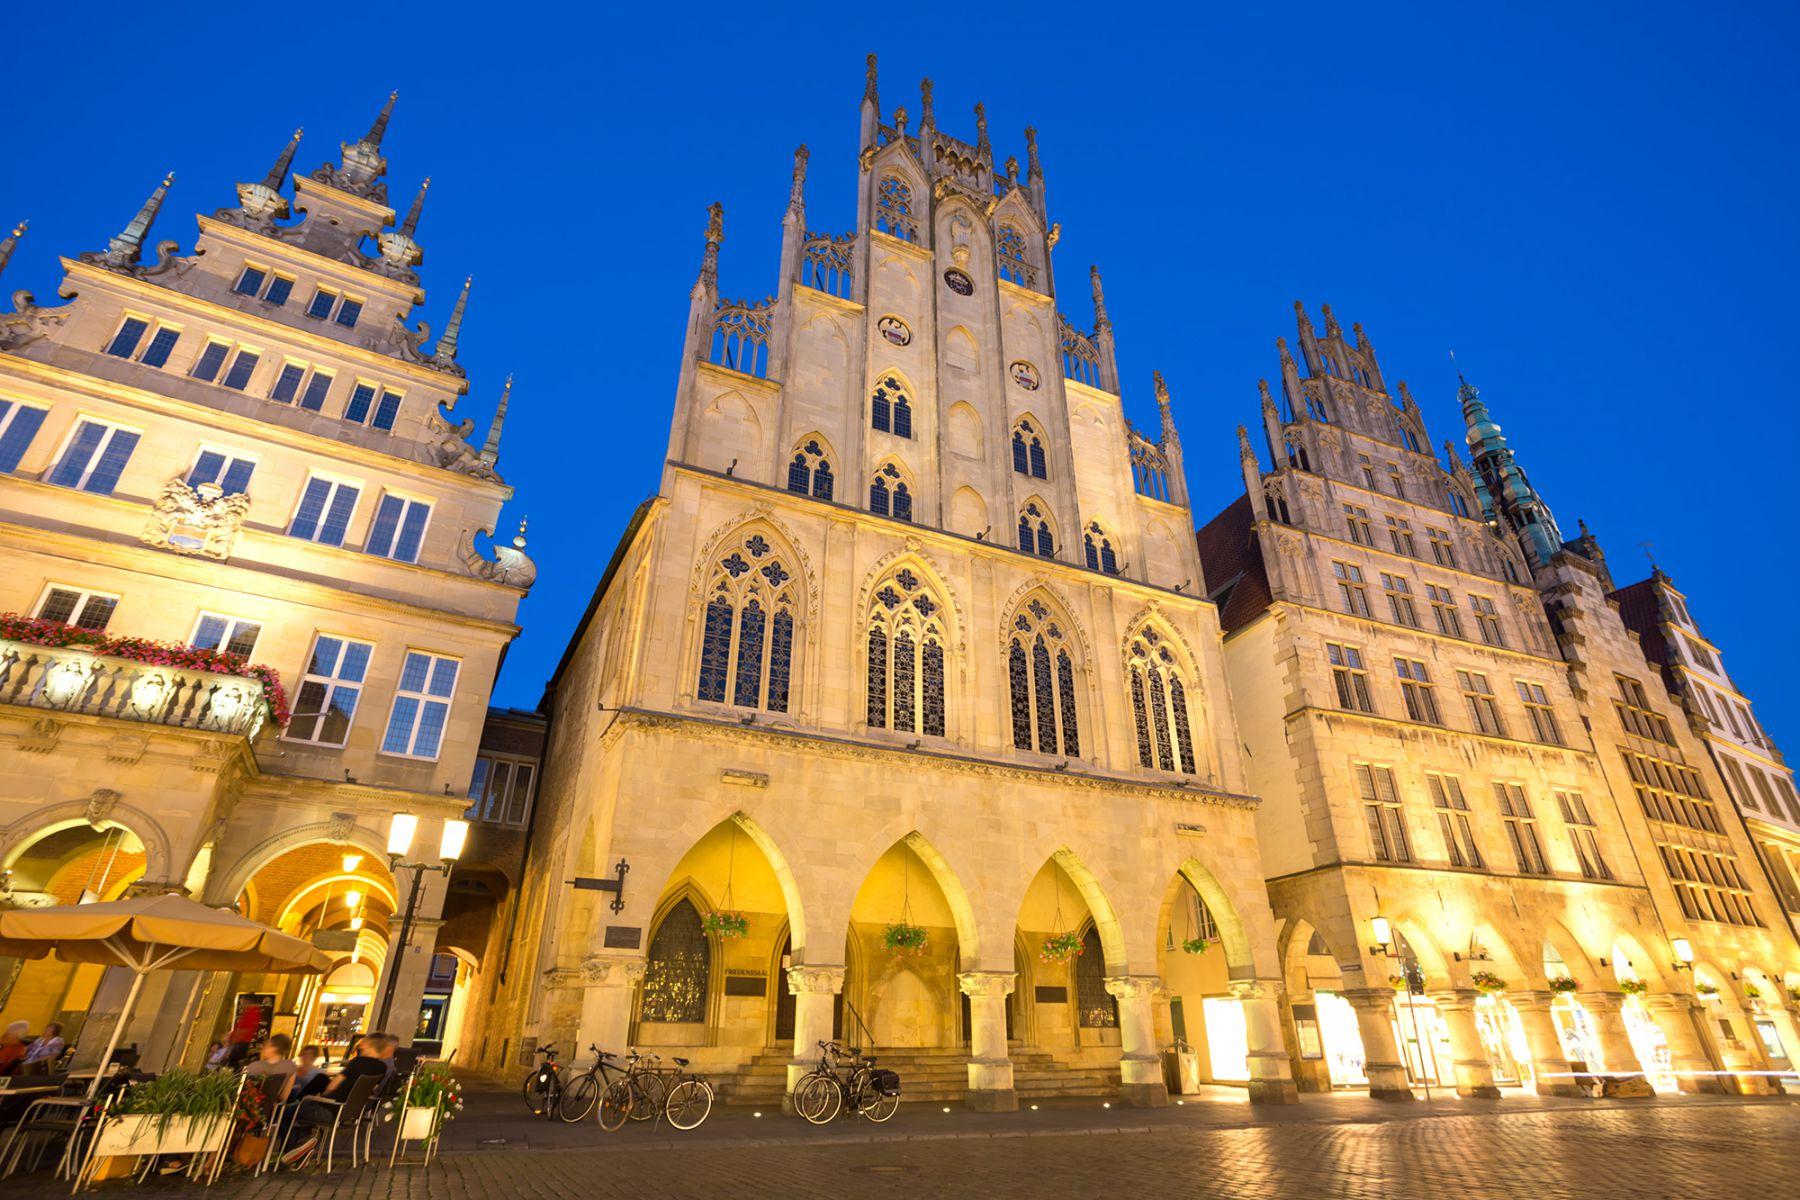 Het stadhuis waar de Friedenssaal te vinden is | Credit: querbeet (iStock)